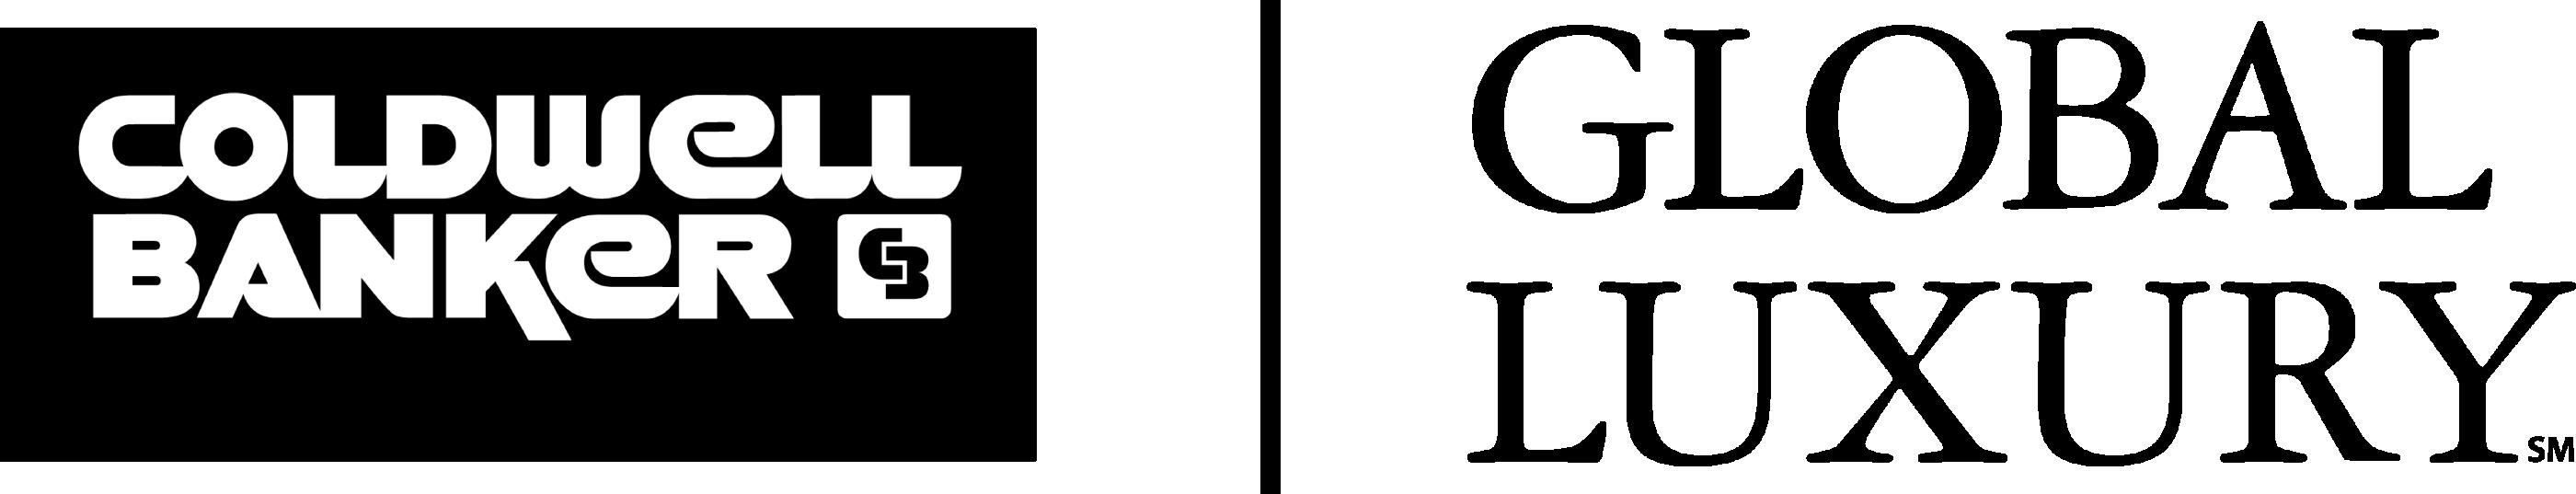 CBGL logo